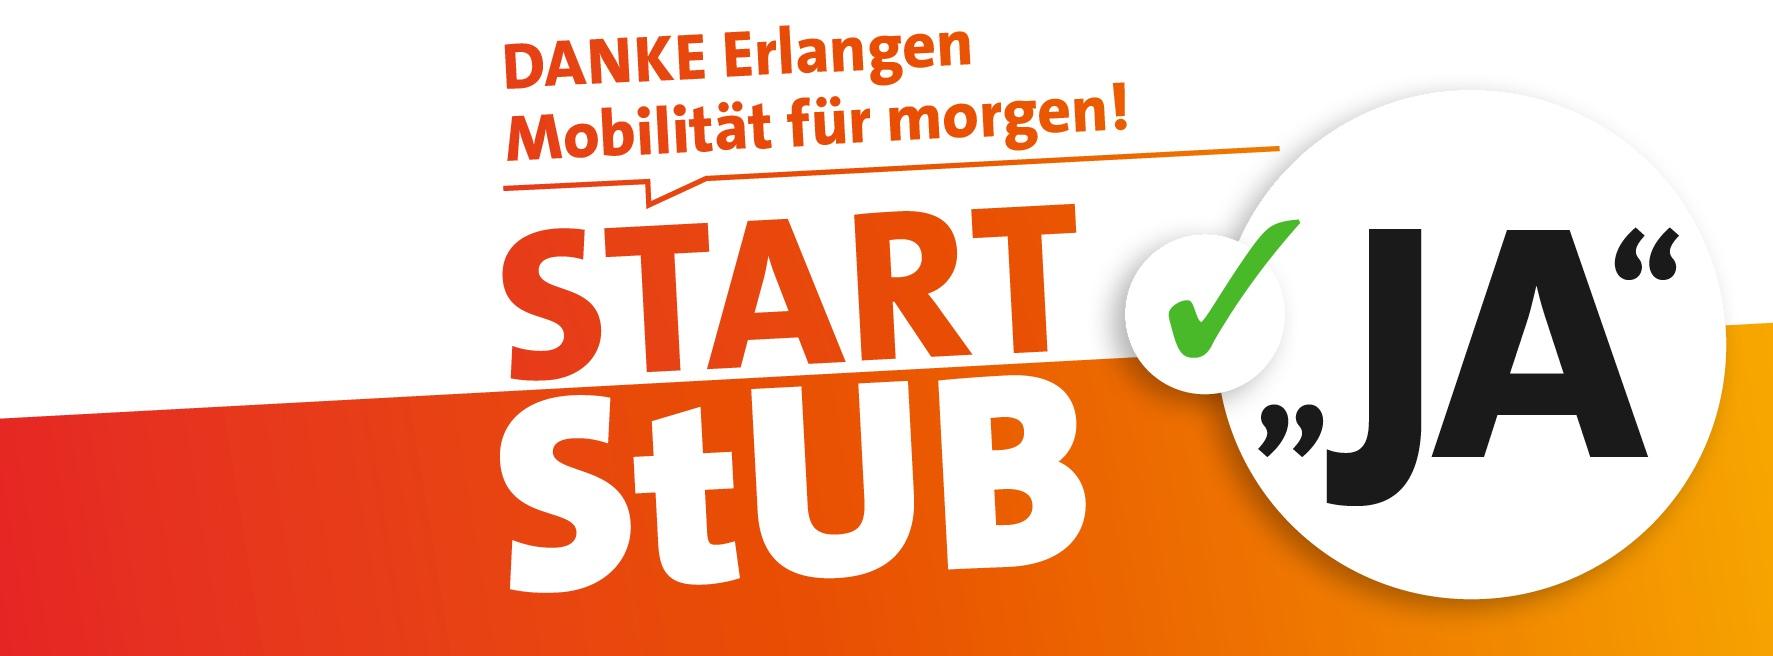 Danke Erlangen - Mobilität für morgen! Start StUB - Ja